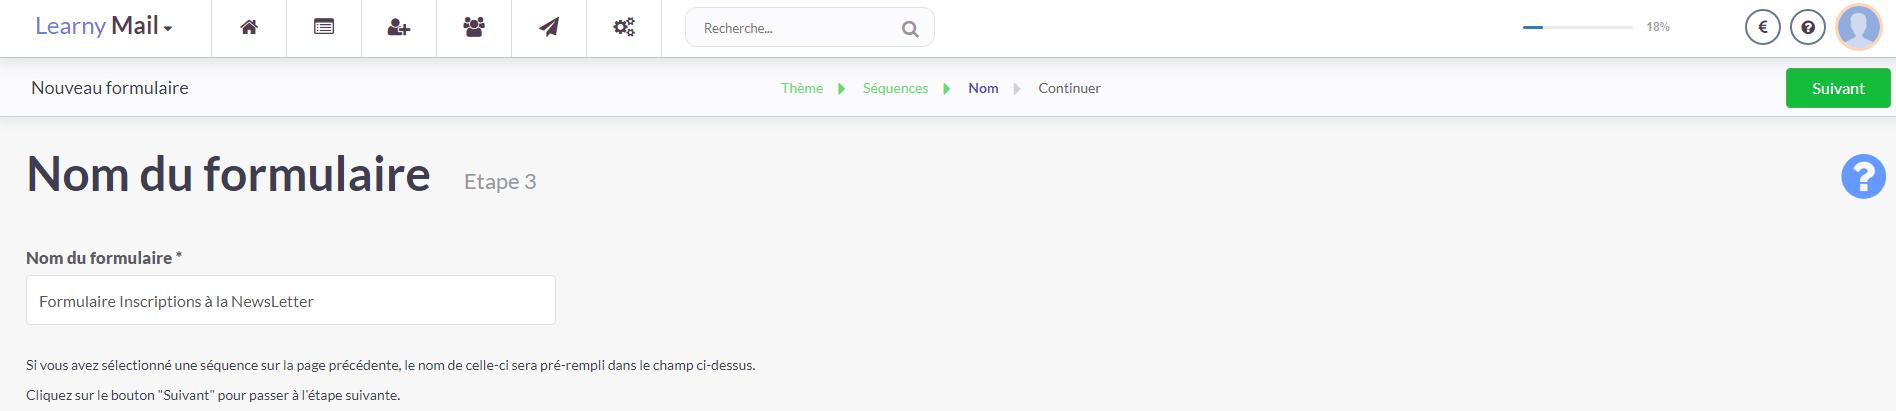 LearnyMail - Nommer votre nouveau formulaire